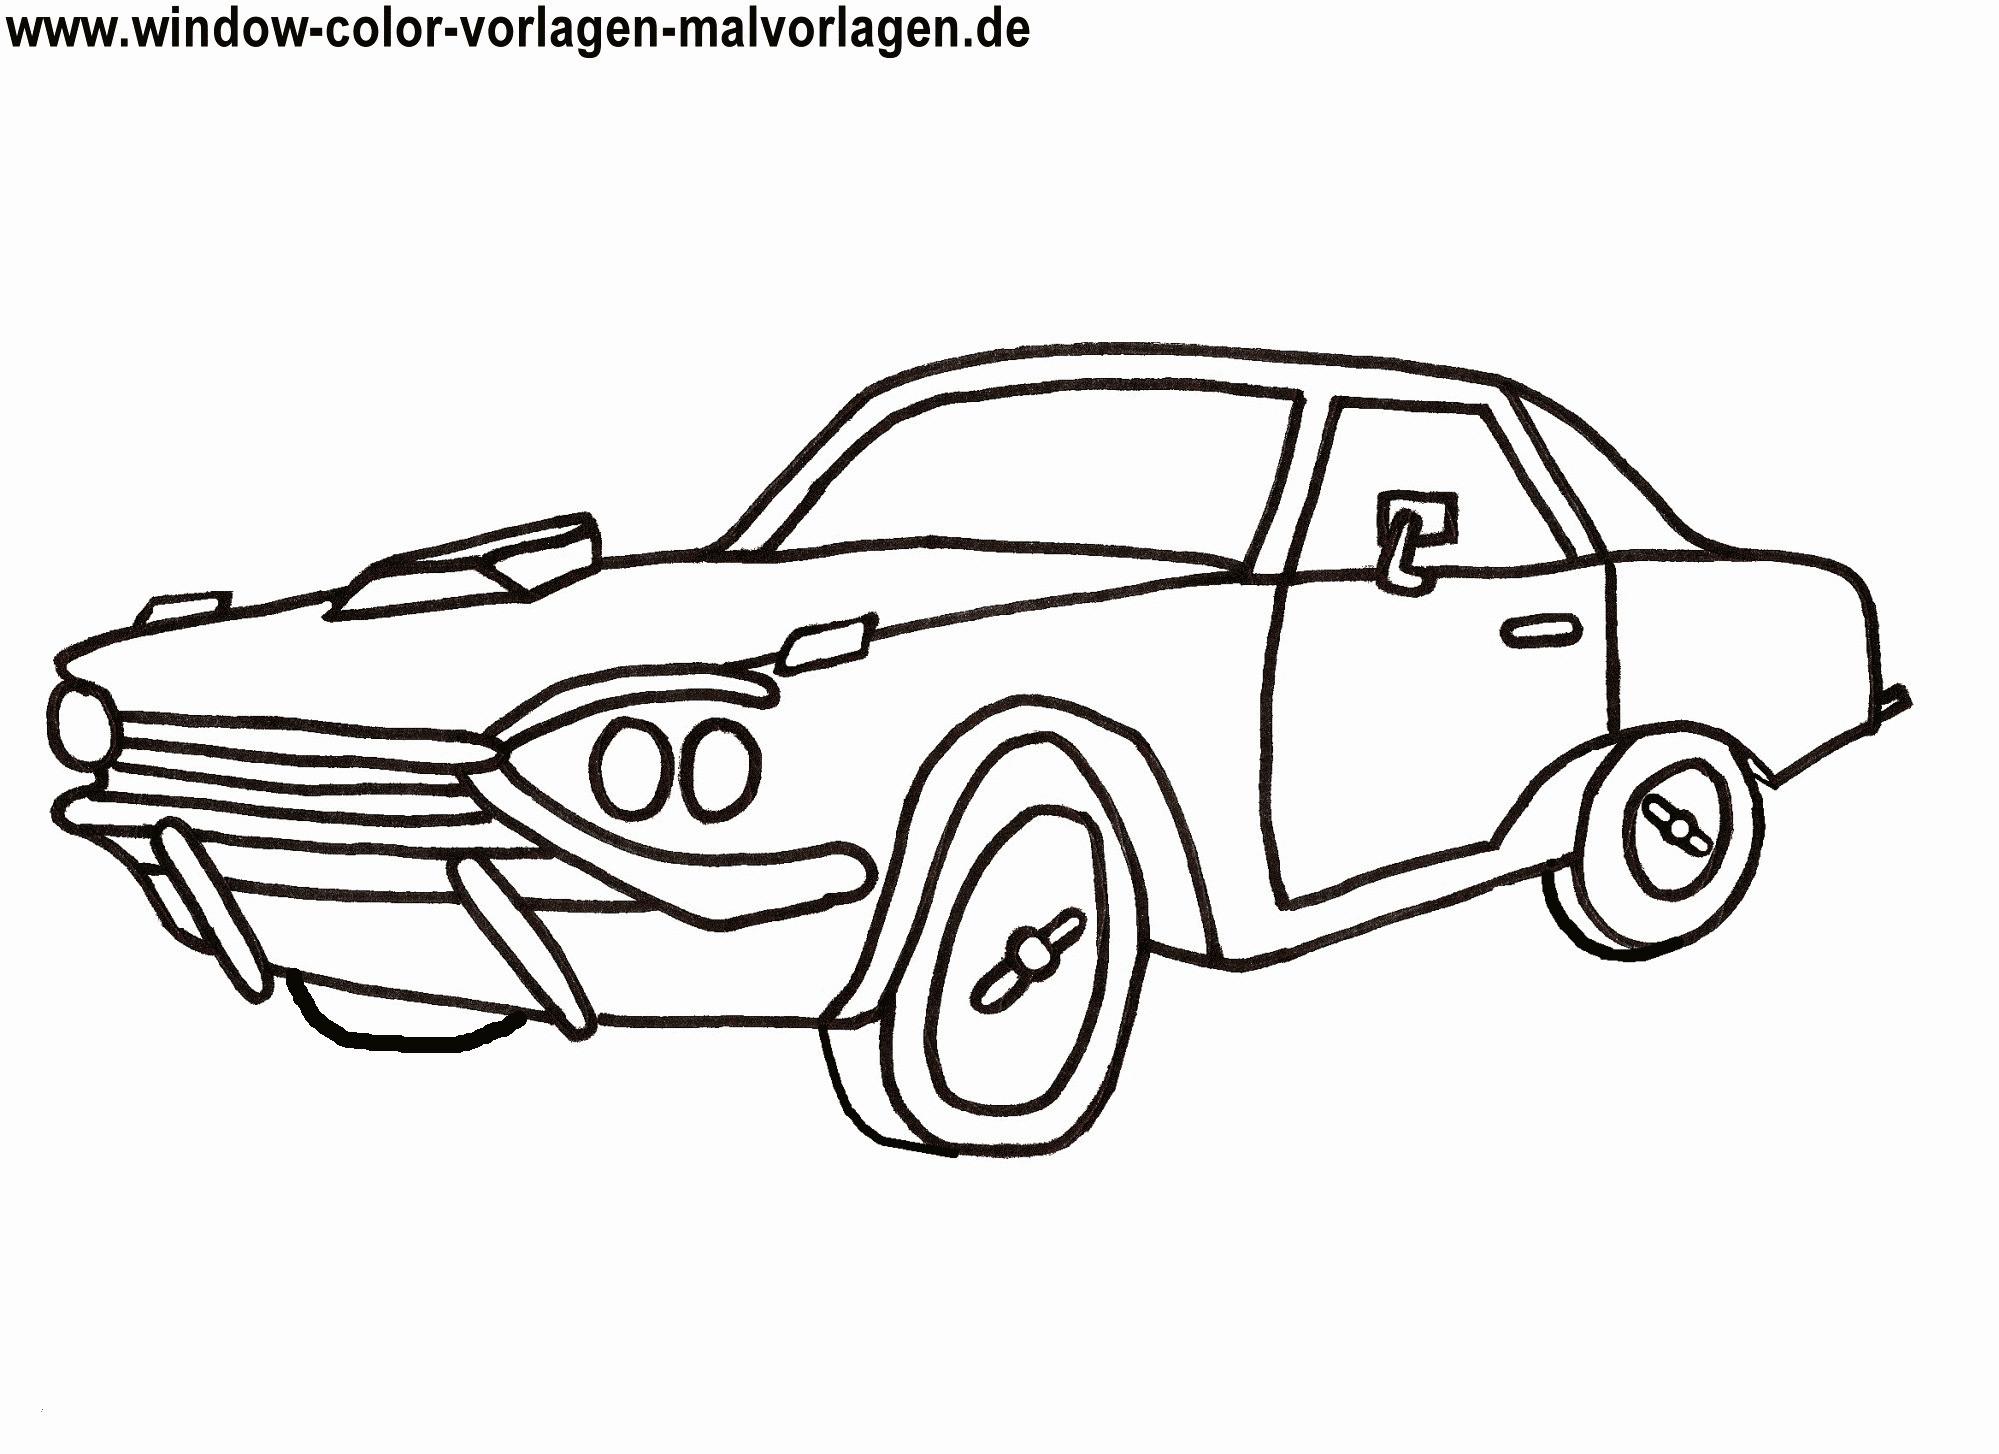 Ausmalbilder Autos Porsche Neu 37 Auto Ausmalbilder Zum Ausdrucken Scoredatscore Frisch Porsche Bilder